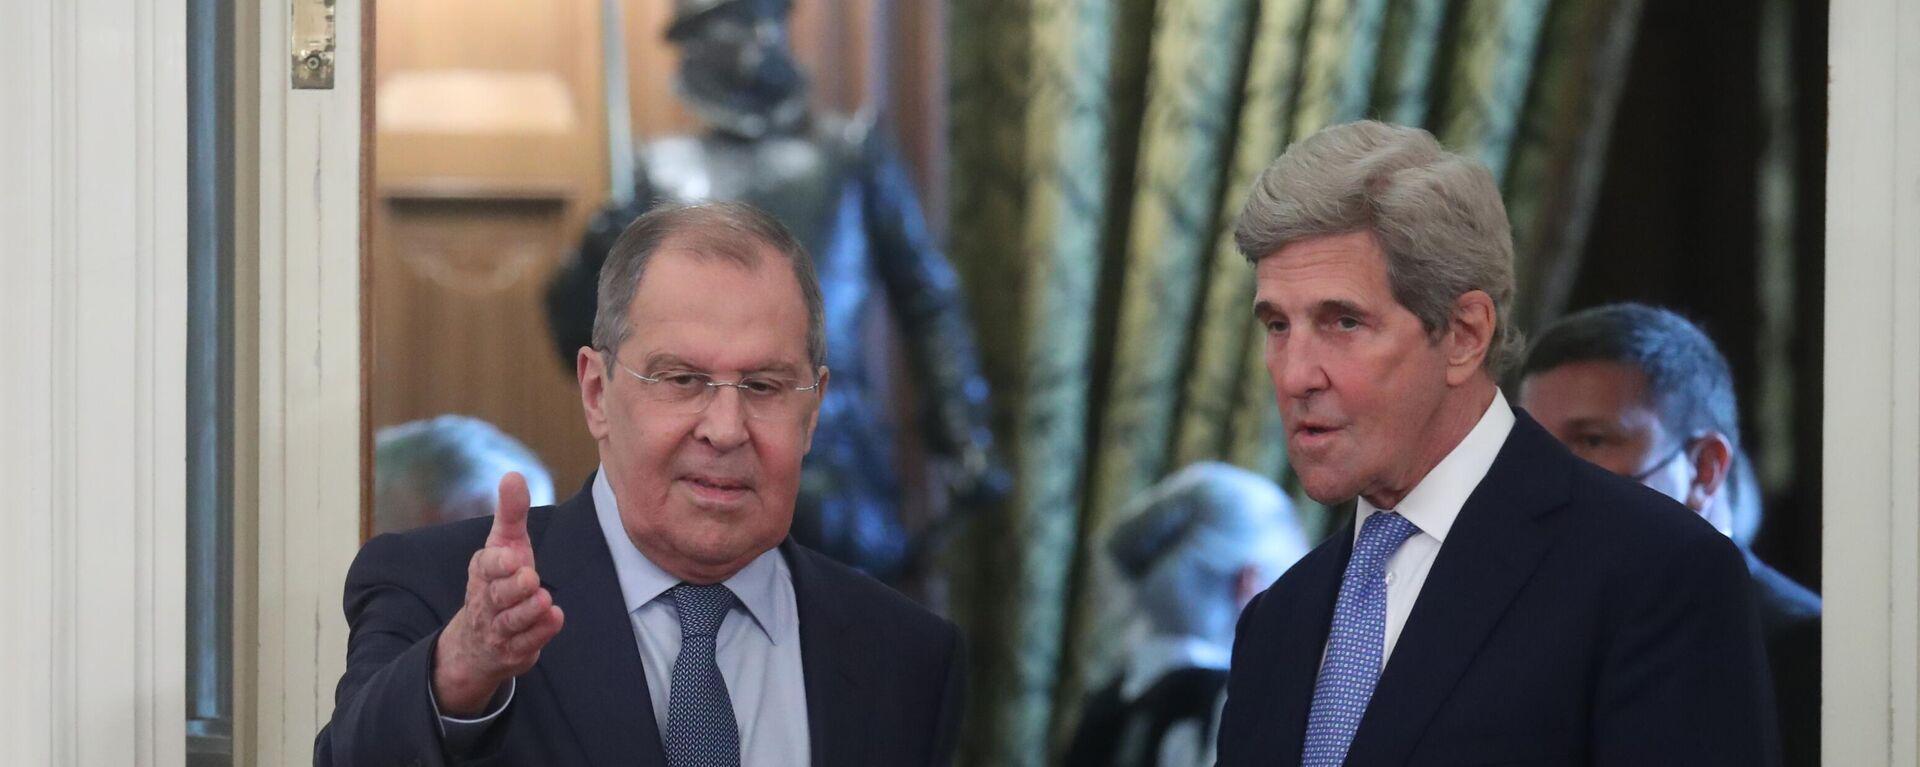 El canciller ruso, Serguéi Lavrov,  con el enviado especial estadounidense para el clima, John Kerry - Sputnik Mundo, 1920, 12.07.2021